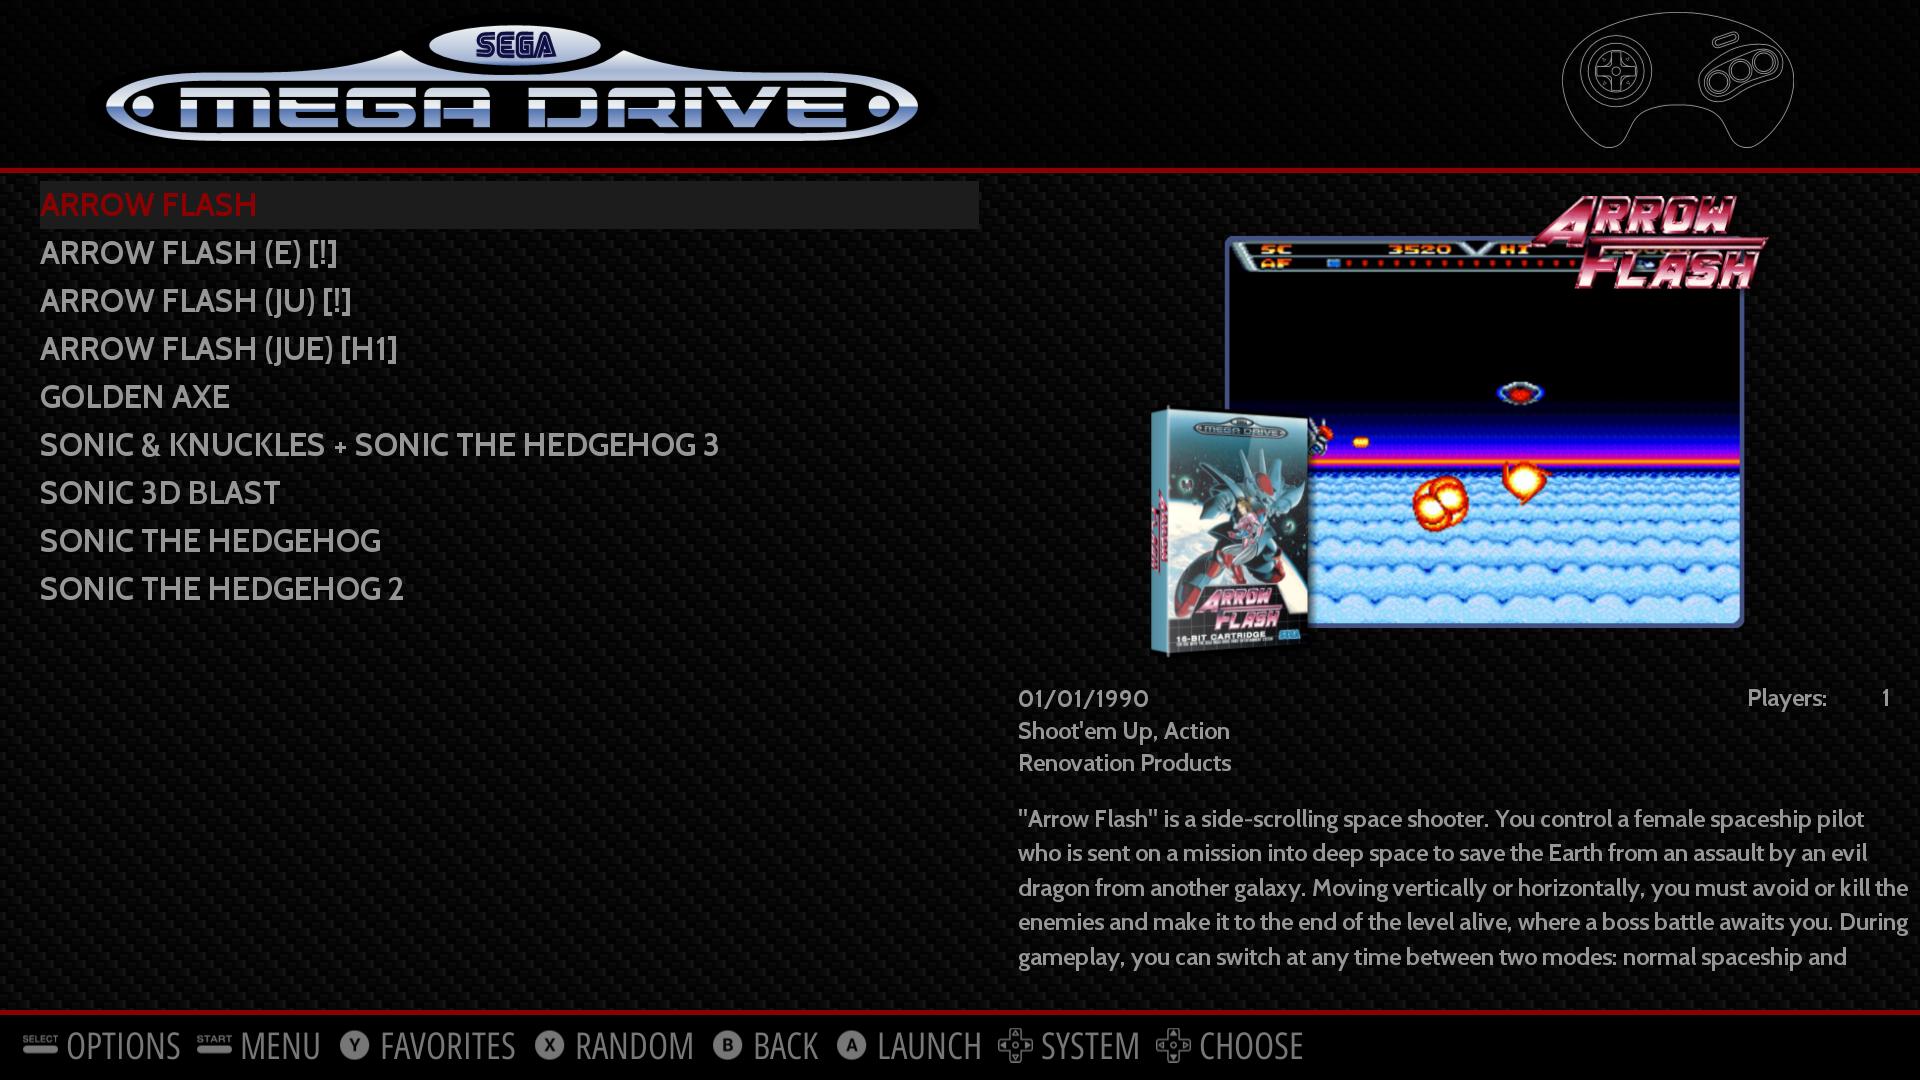 Driver psx rom | Driver PAL (E) rom « Free PSX roms  2019-02-20